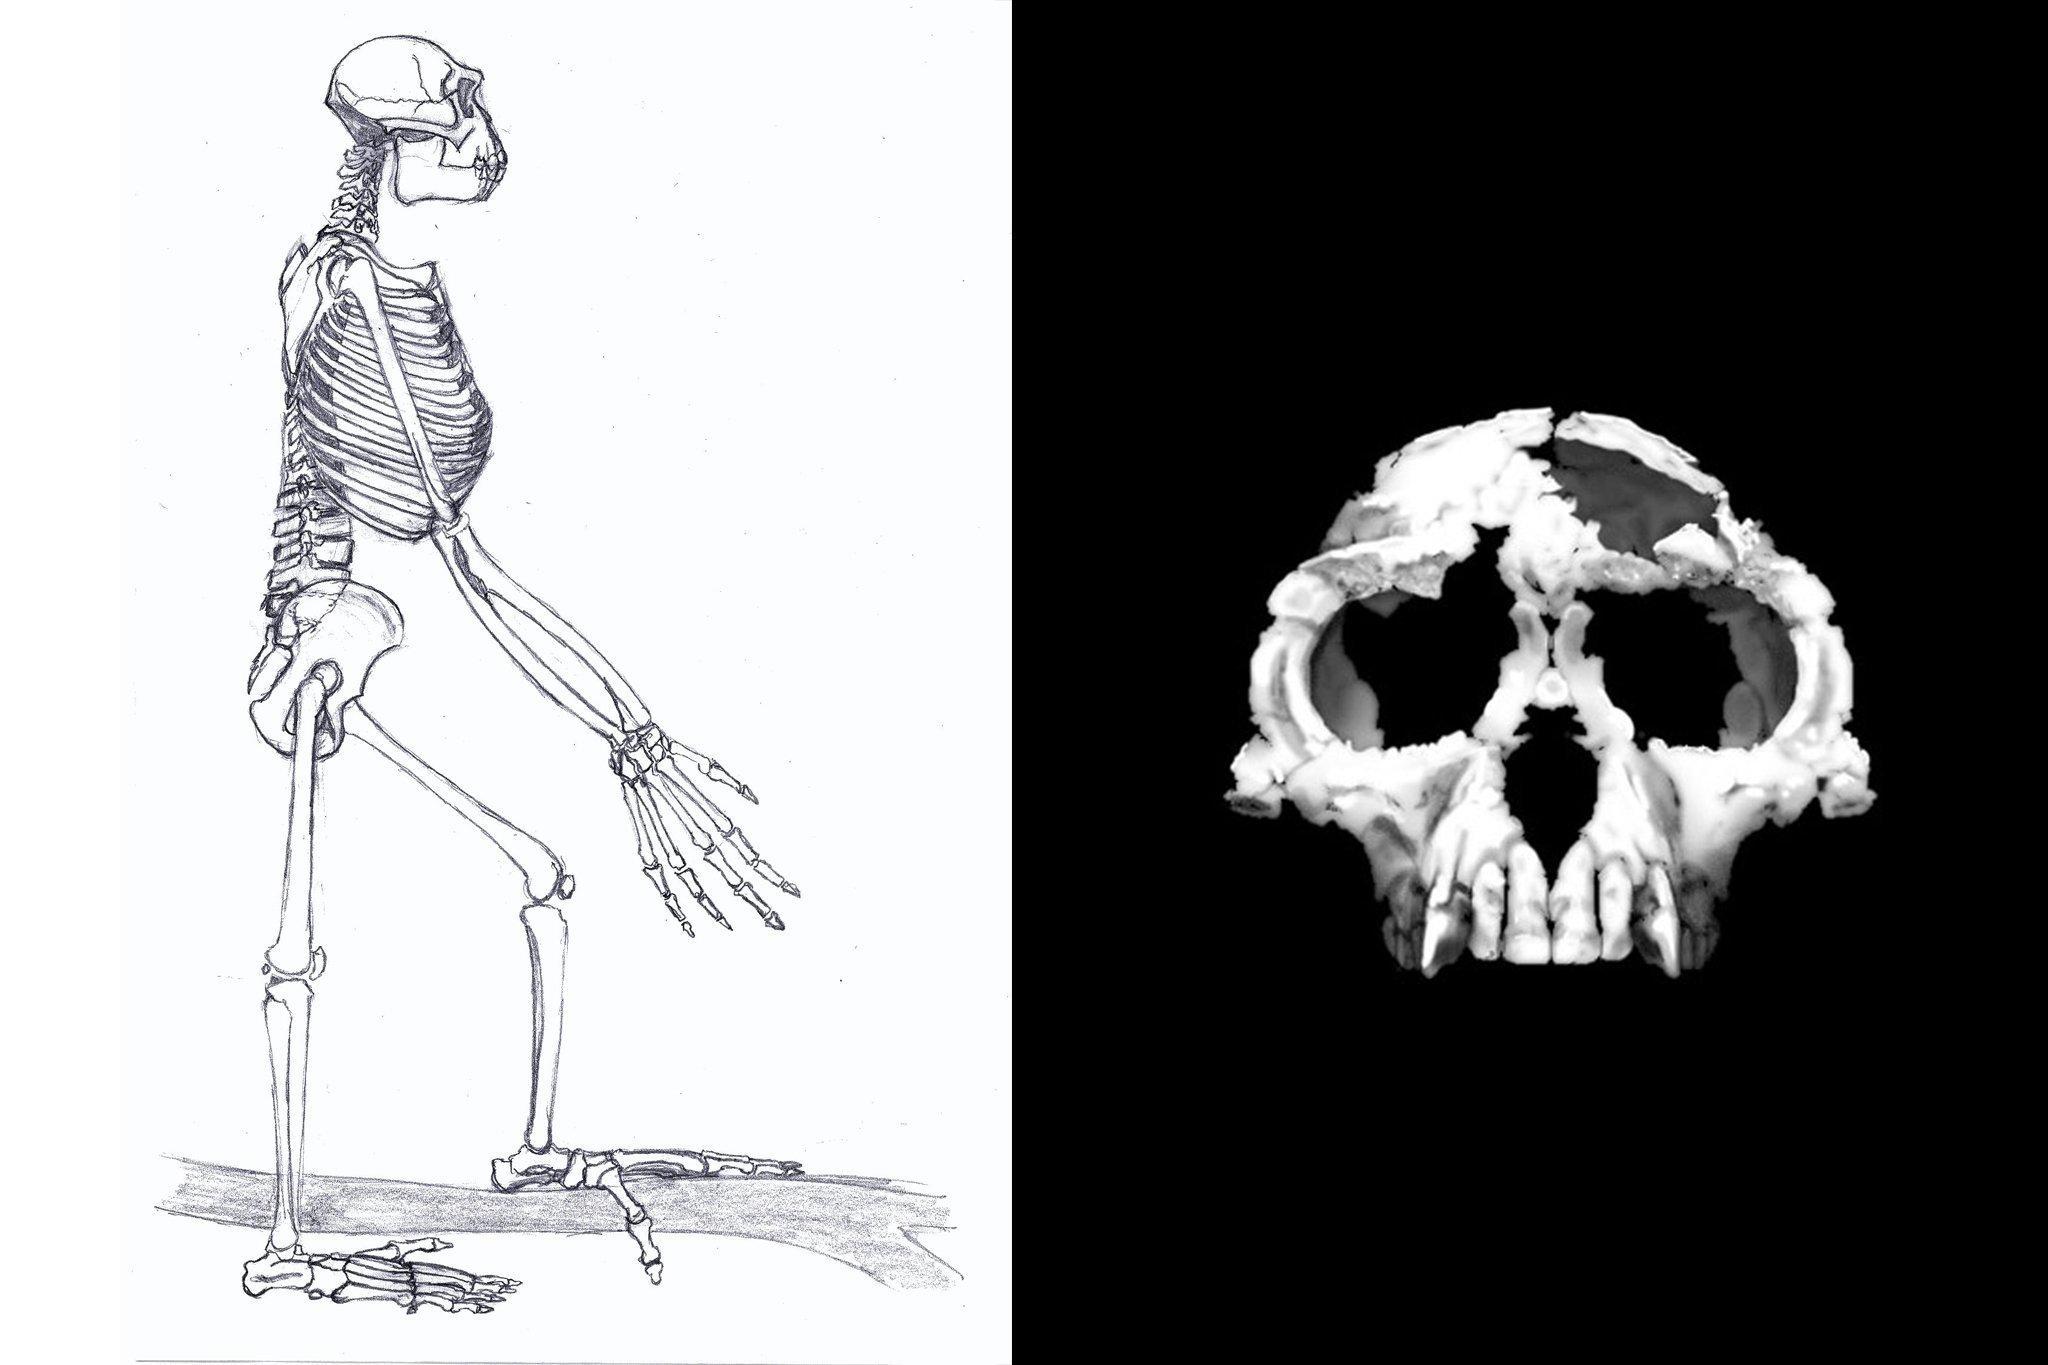 Links ist die Schwarz-weiß-Grafik vom Skelett eines aufrecht stehenden Wesens zu sehen: Der Vormensch Ardipithecus ramidus. Er zeigt lange Arme mit langen Fingern daran und Füße, die dank eines abspreizbaren großen Zehs gut Äste umgreifen können und damit für ein Leben auch auf Bäumen sprechen. Rechts ist der fossile Schädel von Ardipithecus zu sehen, der zeigt: Viel Hirn besaß dieser menschliche Verwandte noch nicht.